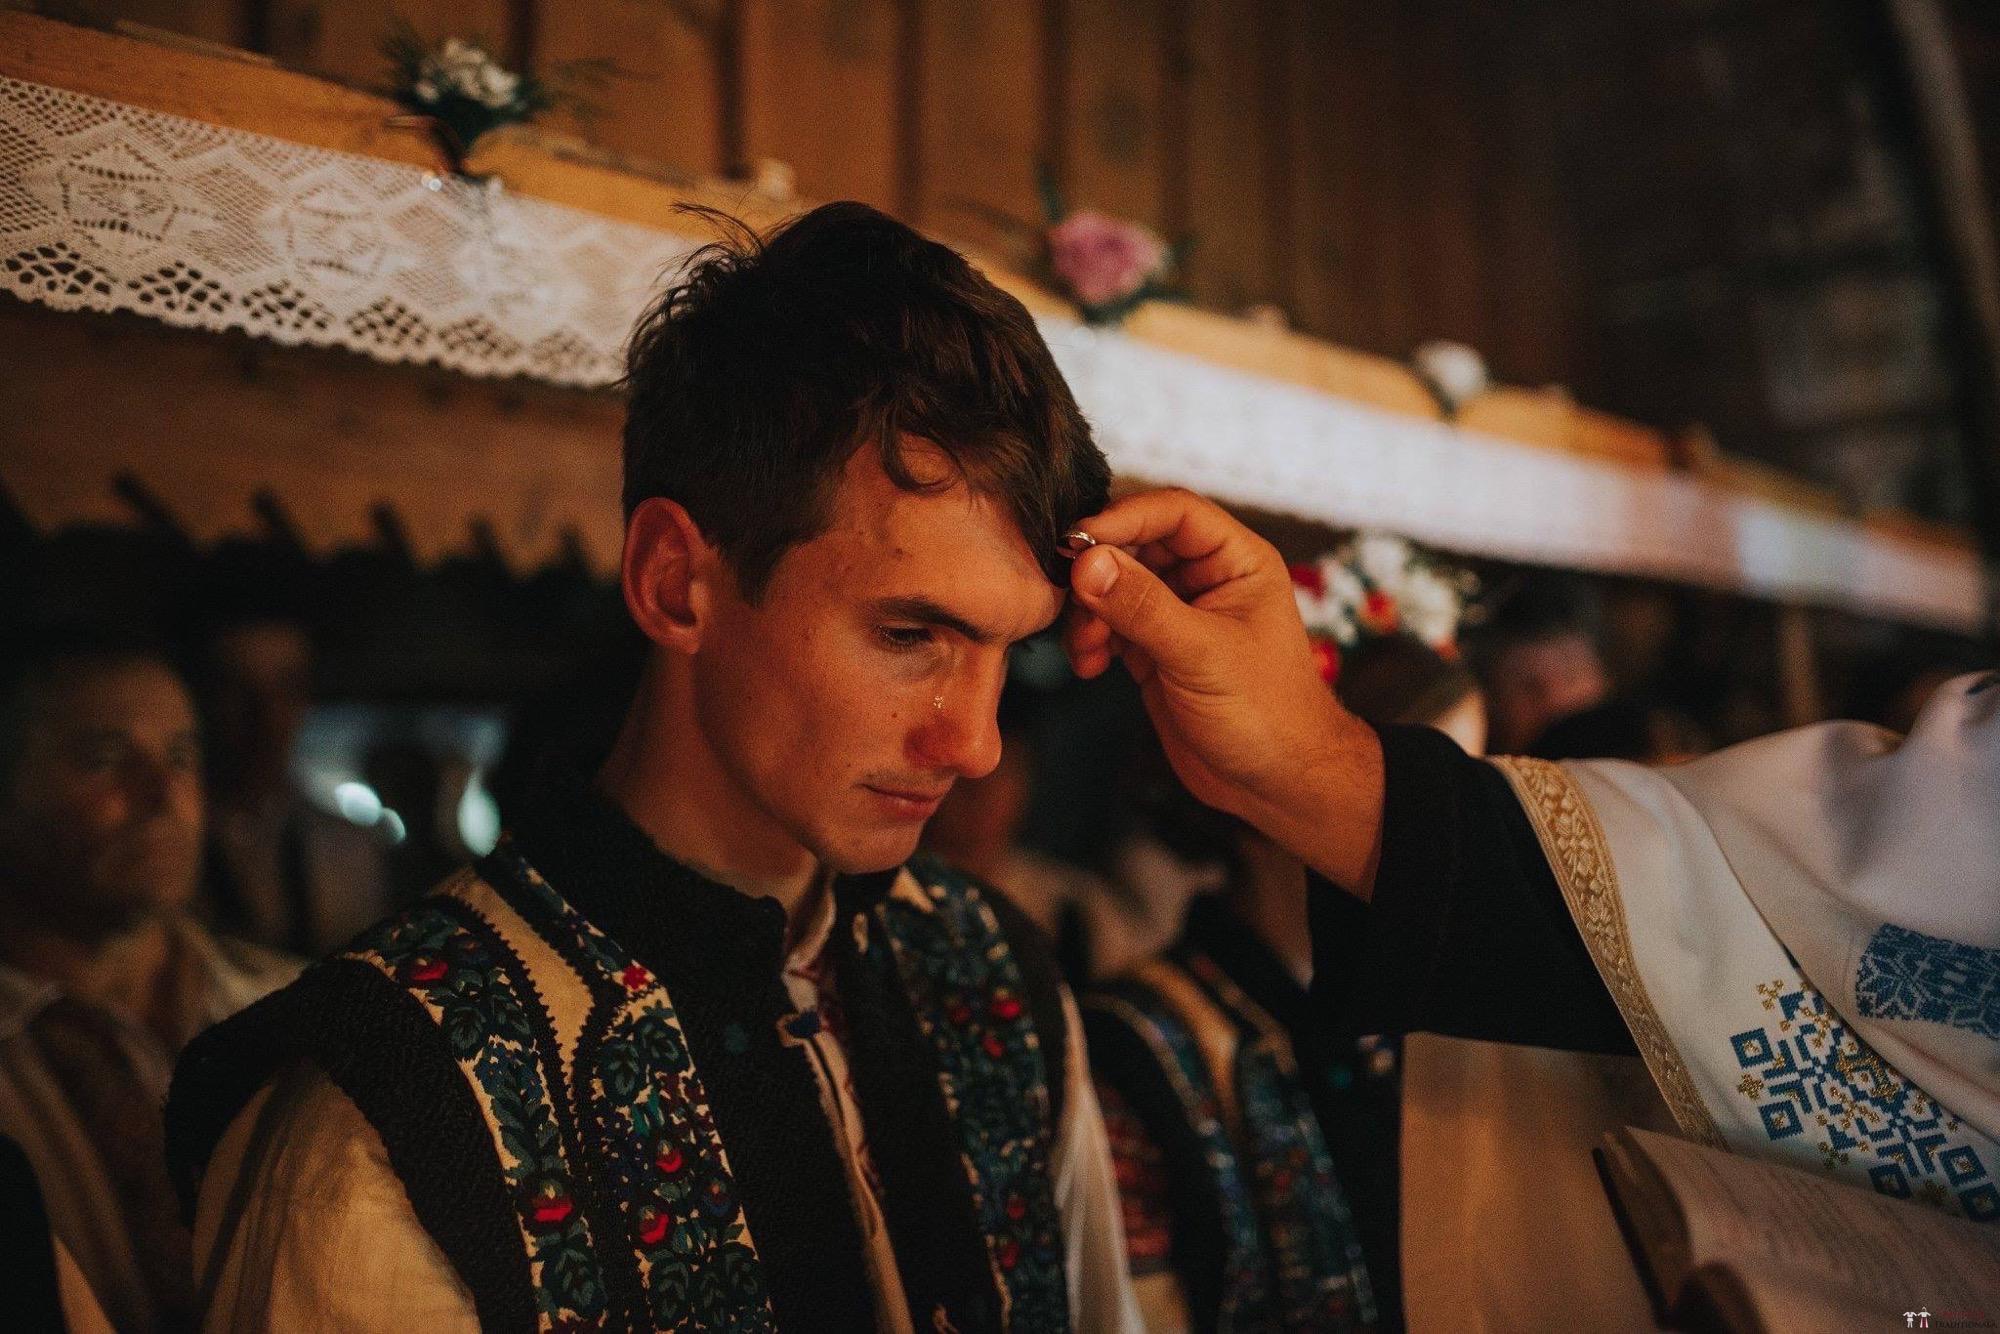 Povești Nunți Tradiționale - Andreea și Sergiu. Nuntă tradițională în Alba-Iulia 23